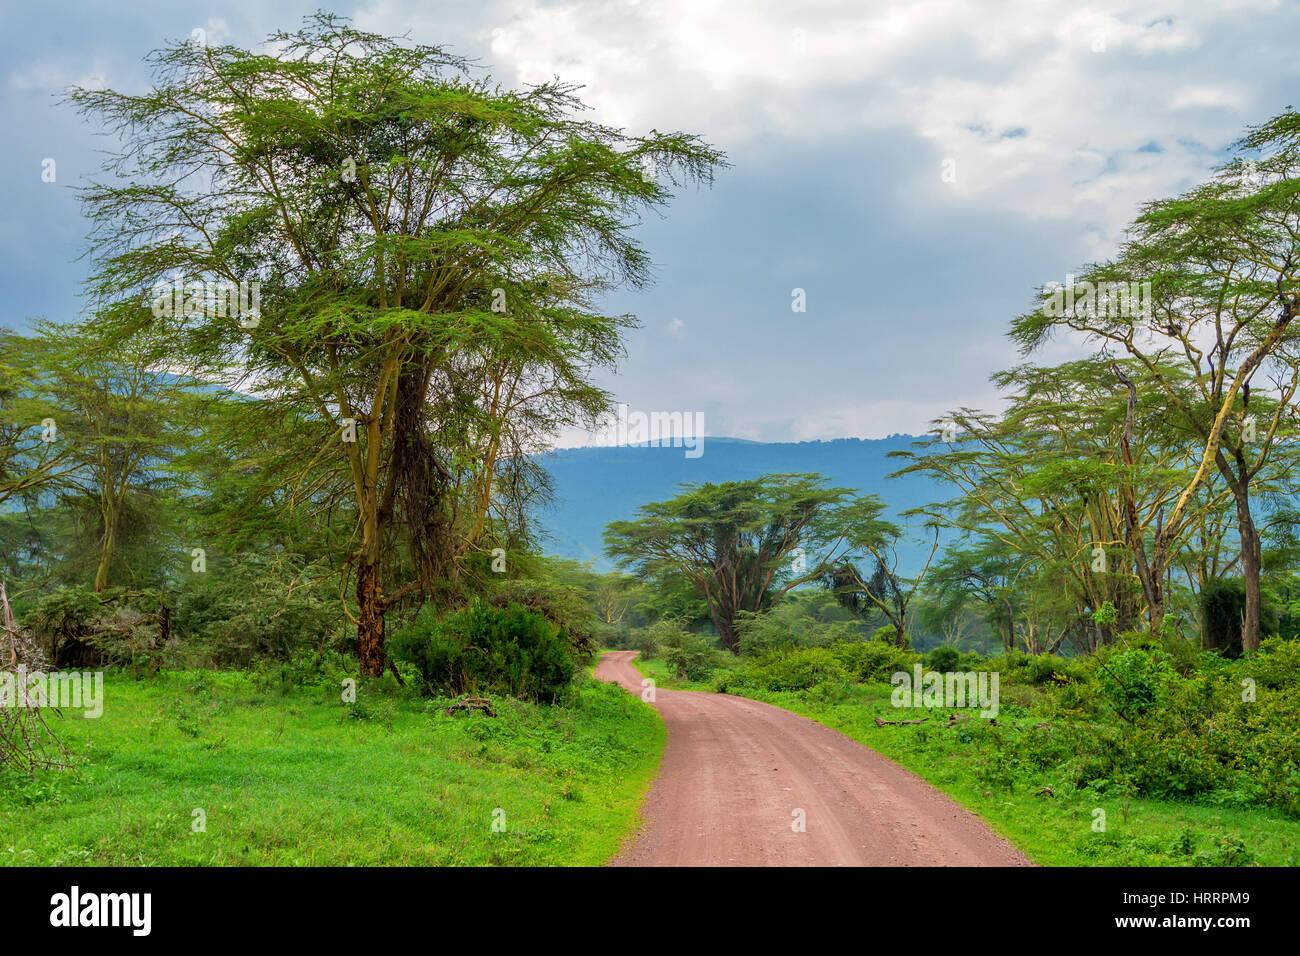 Randonnée Forêt africaine avec acacia et buissons luxuriants dans le parc national de Ngorongoro, en Tanzanie Photo Stock